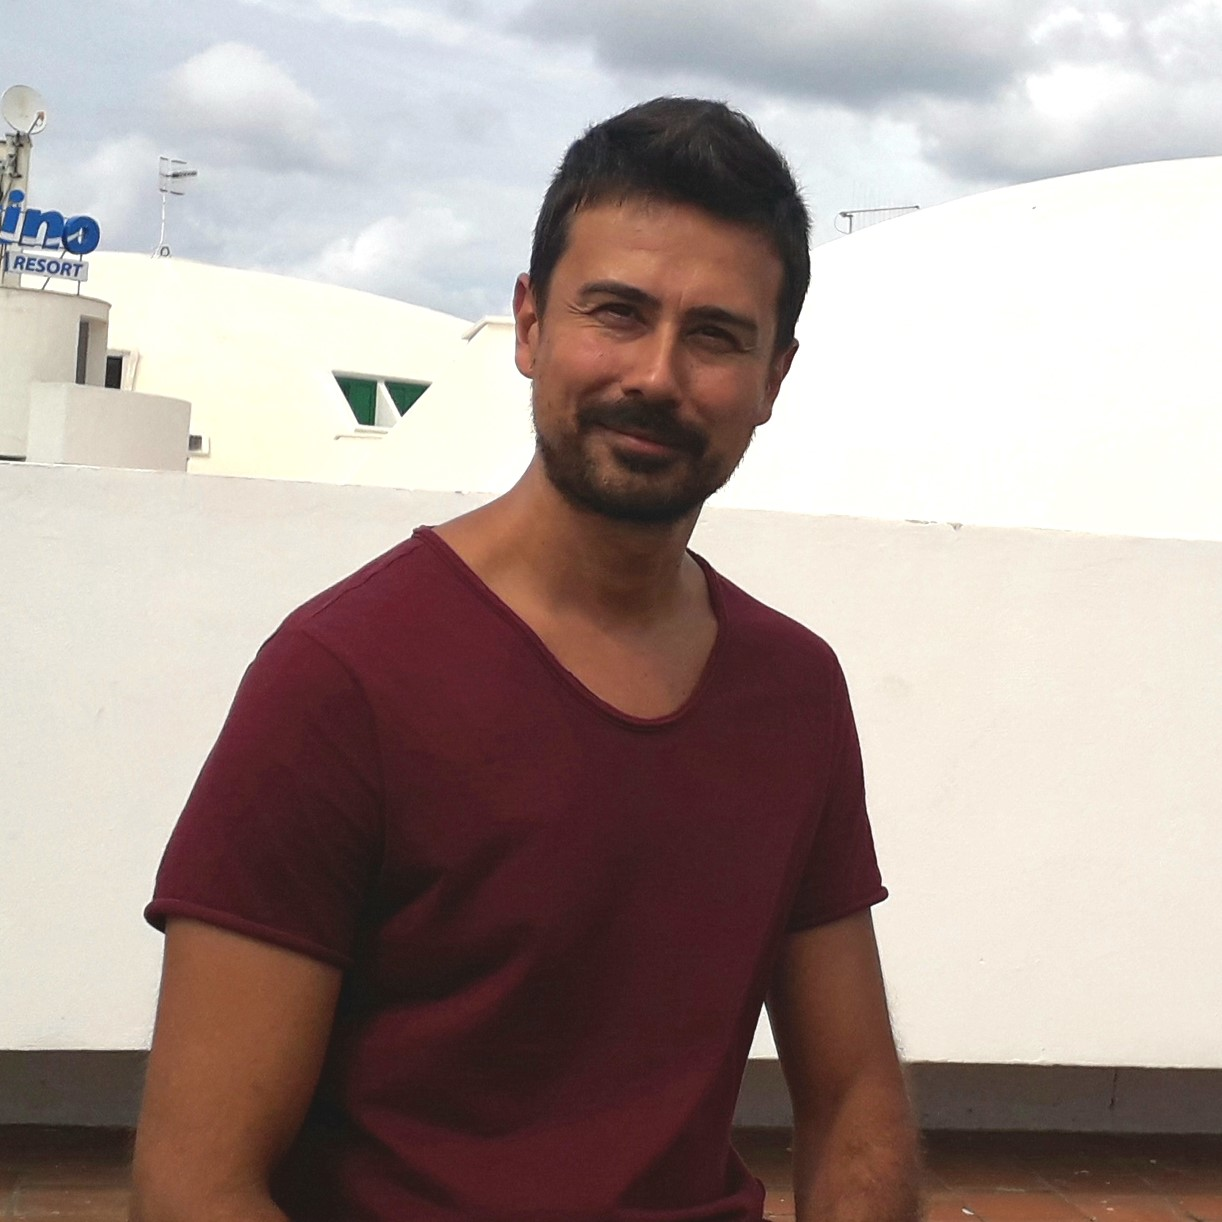 Michele Chiarini